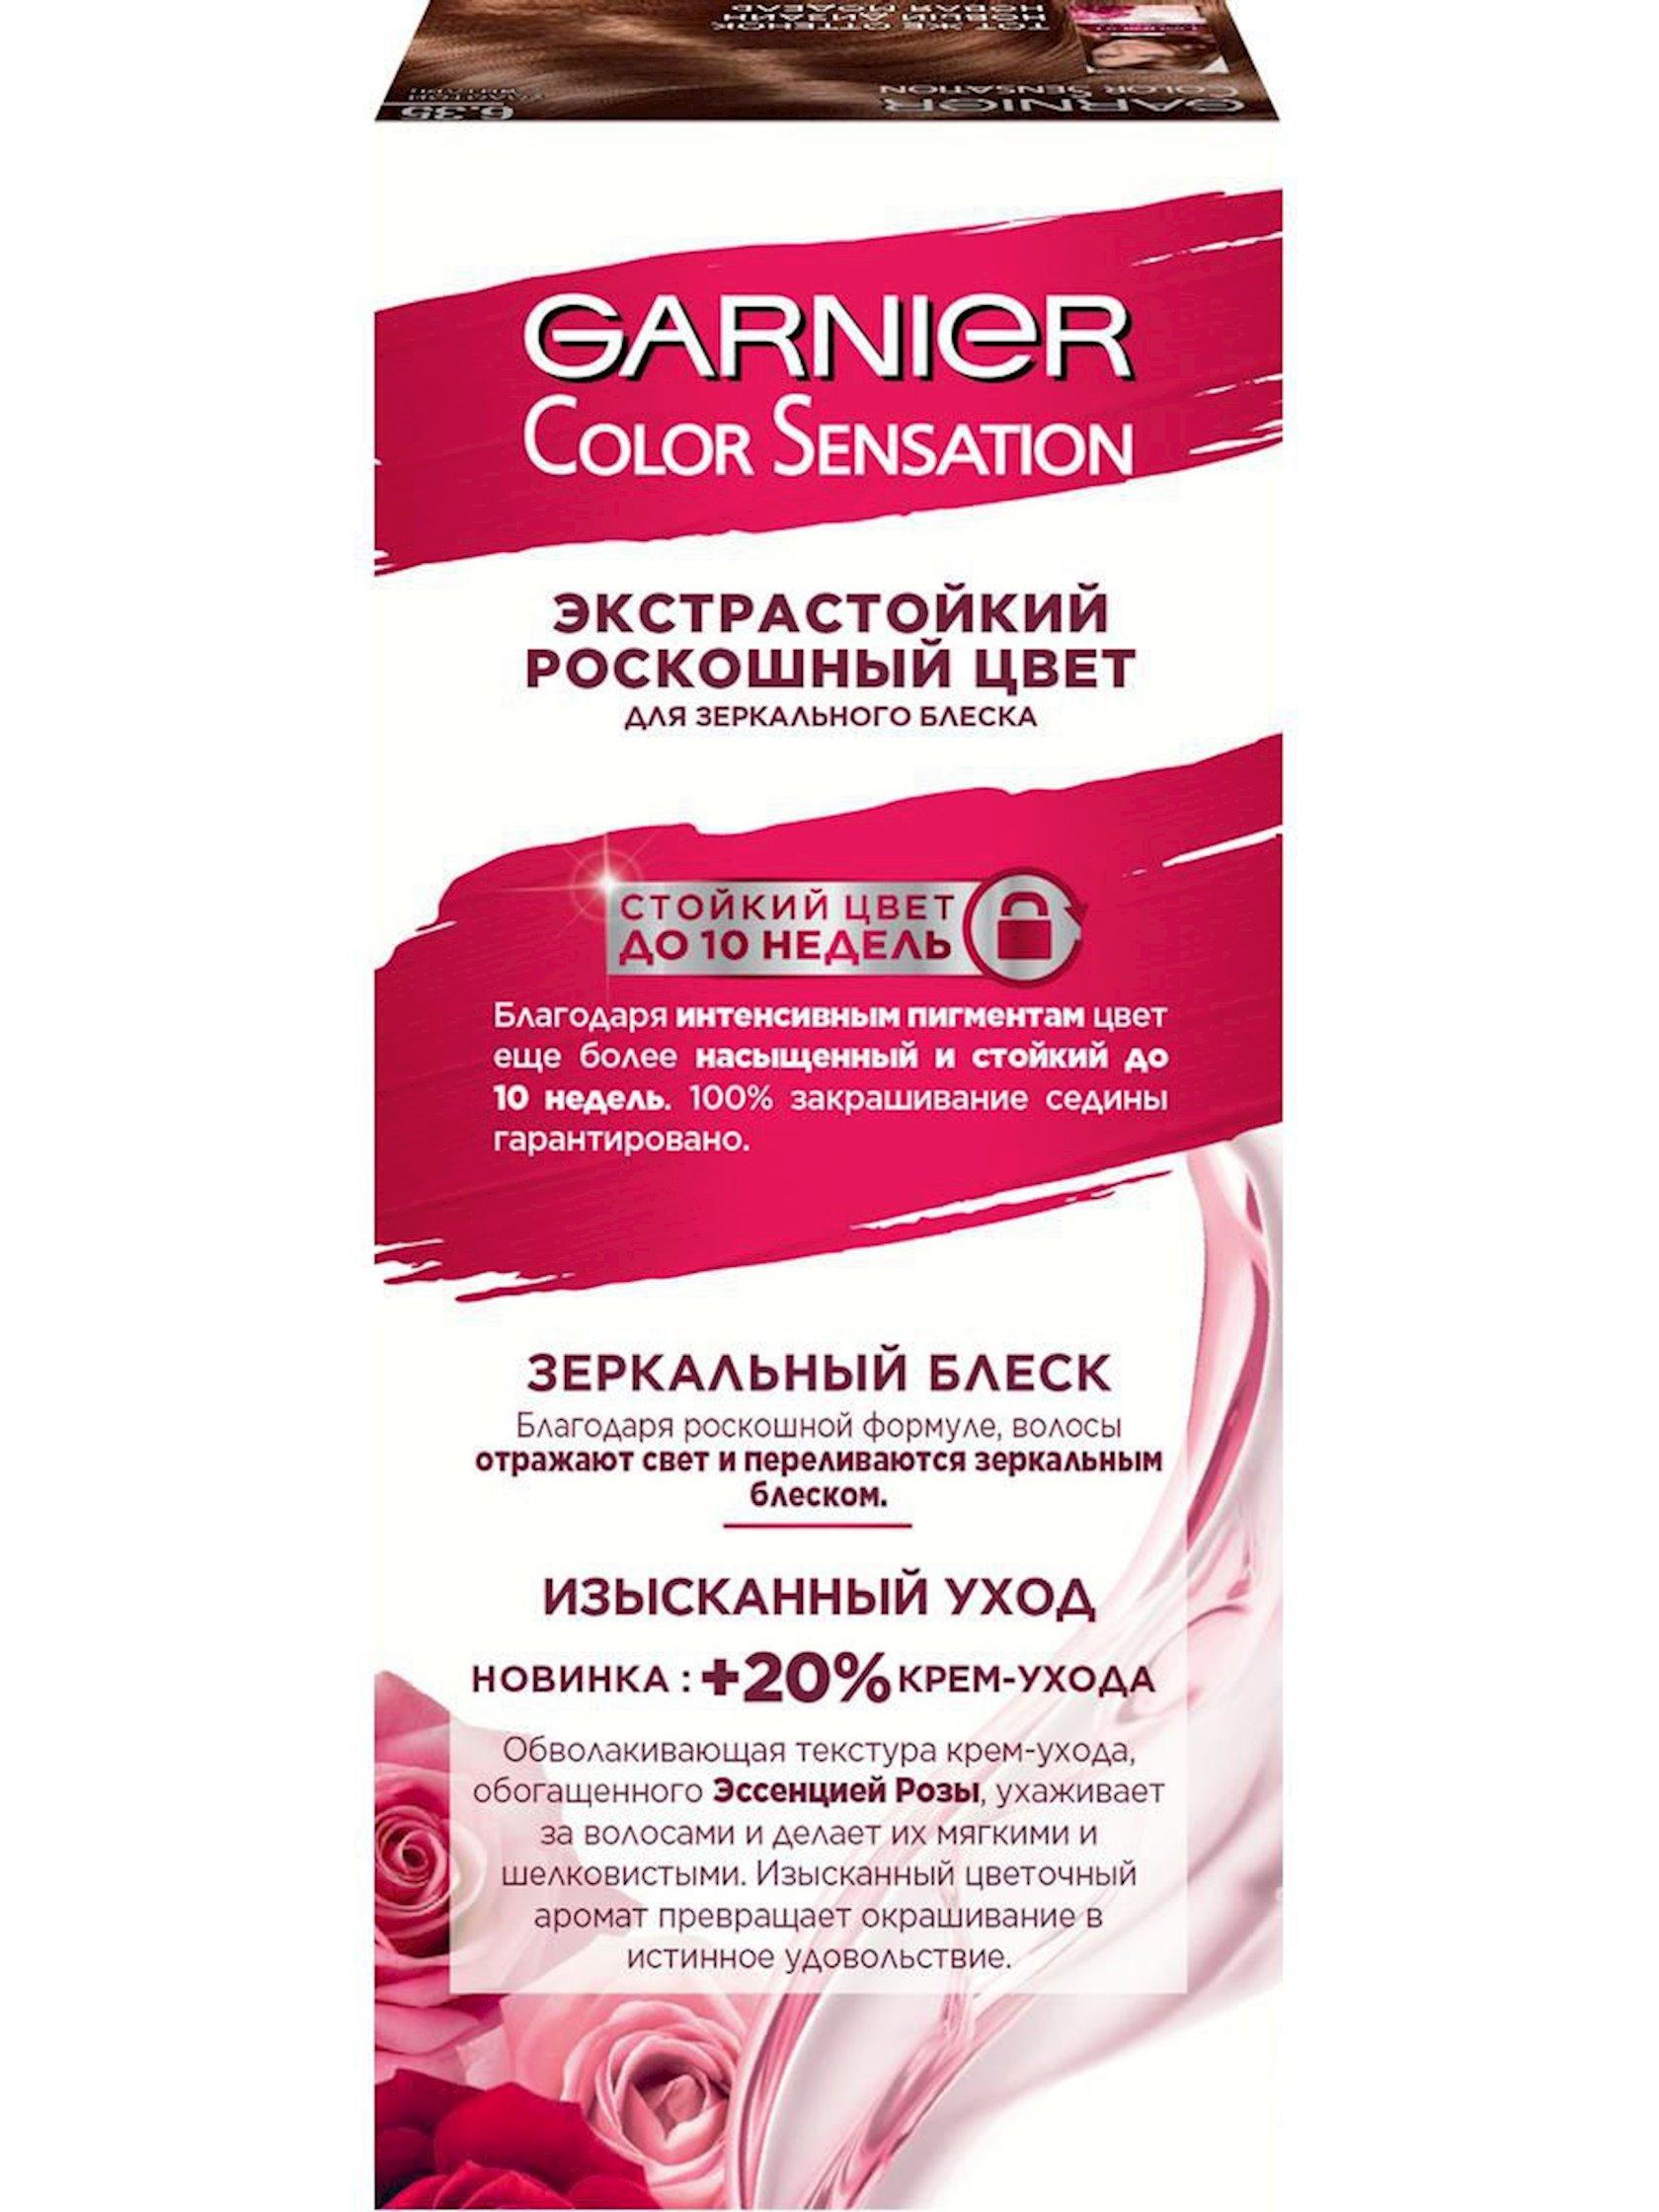 Saç üçün qalıcı krem-boya Garnier Color Sensation Dəbdəbəli rəng 6.35 Qızıl kəhrəba